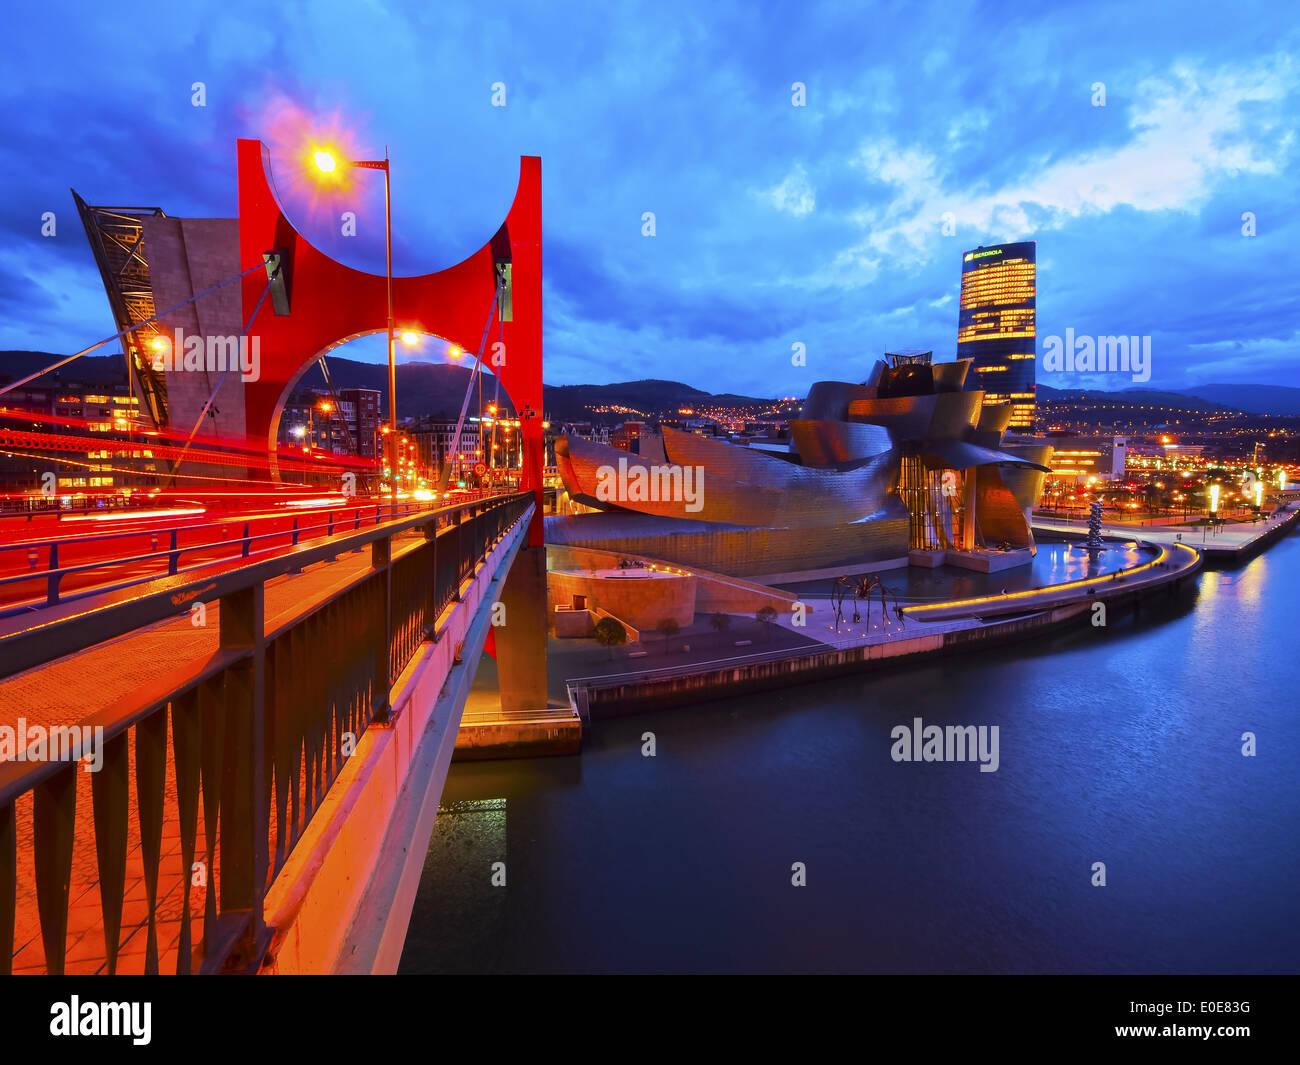 Vista notturna di La Salve Bridge e il Museo Guggenheim di Bilbao Biscay, Paesi Baschi Foto Stock